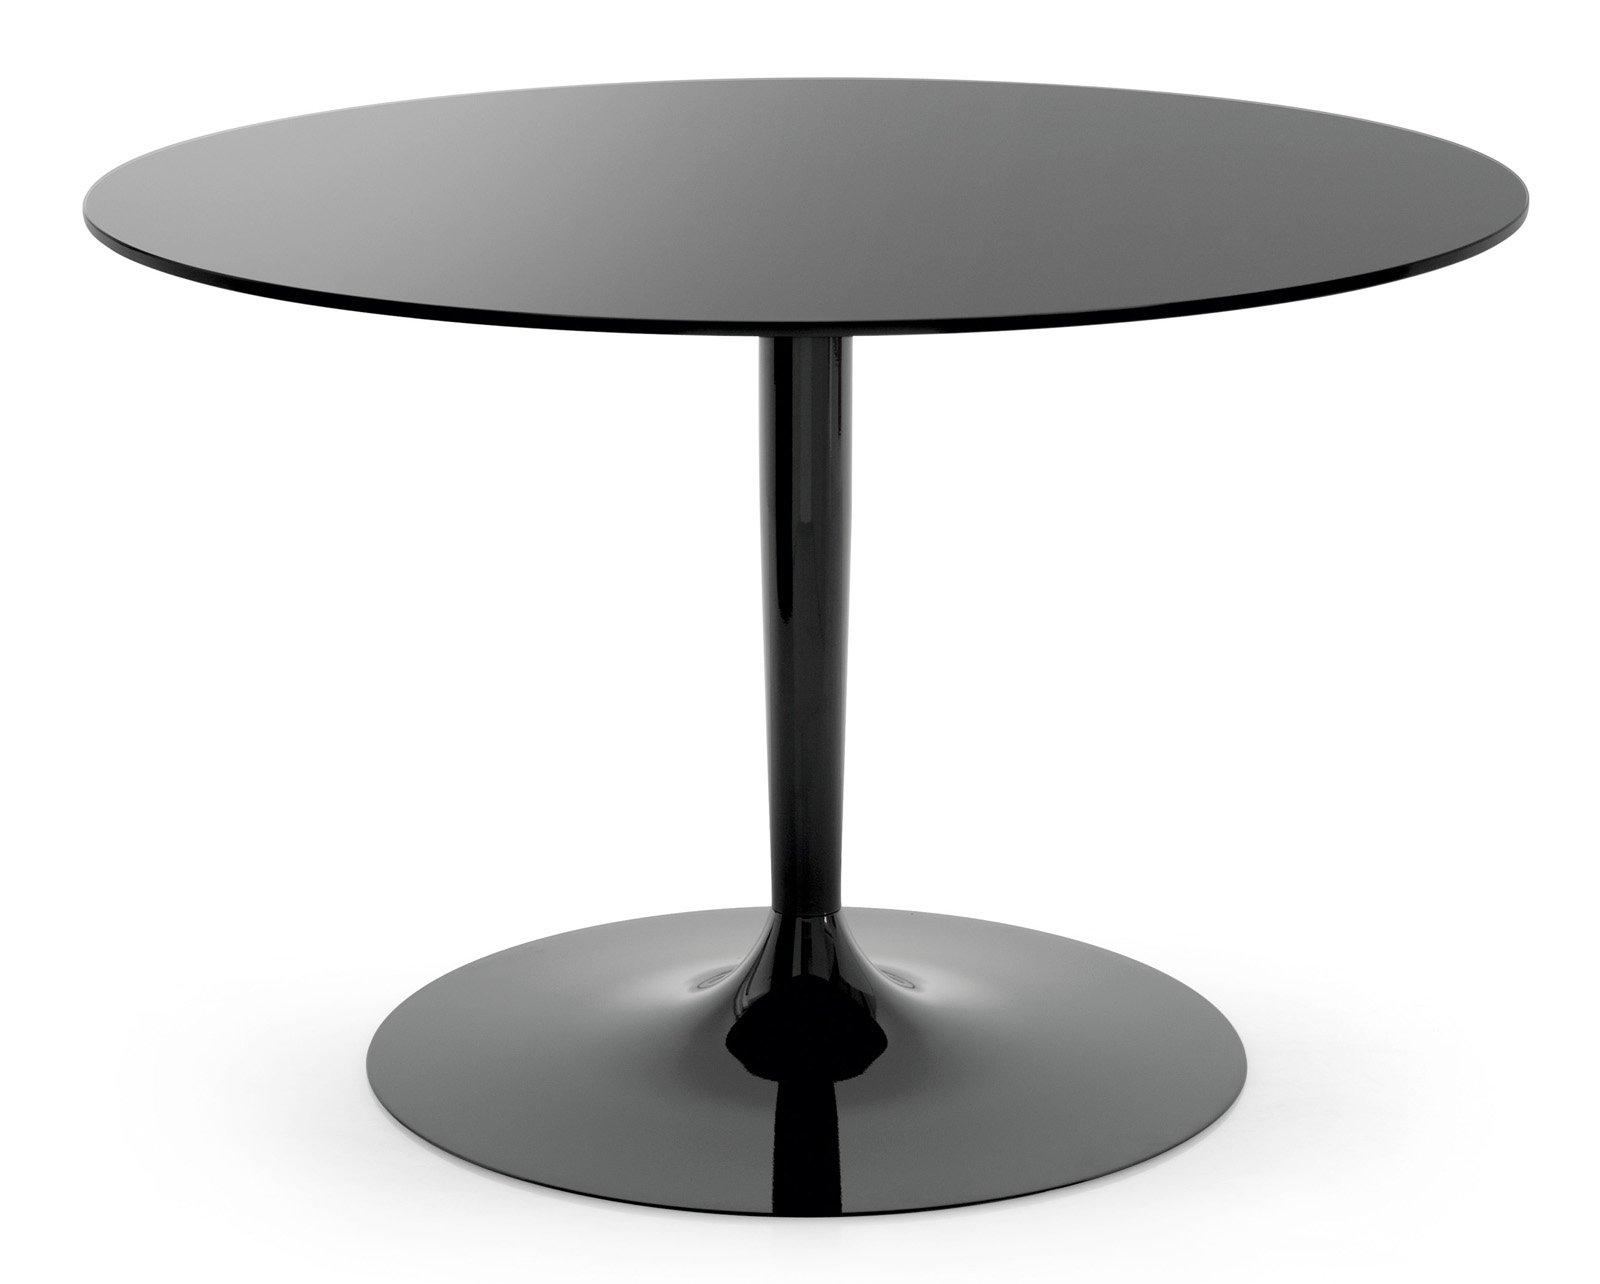 cucina e soggiorno insieme ikea: vovell.com sprei bonita hello ... - Cucina E Soggiorno Insieme Ikea